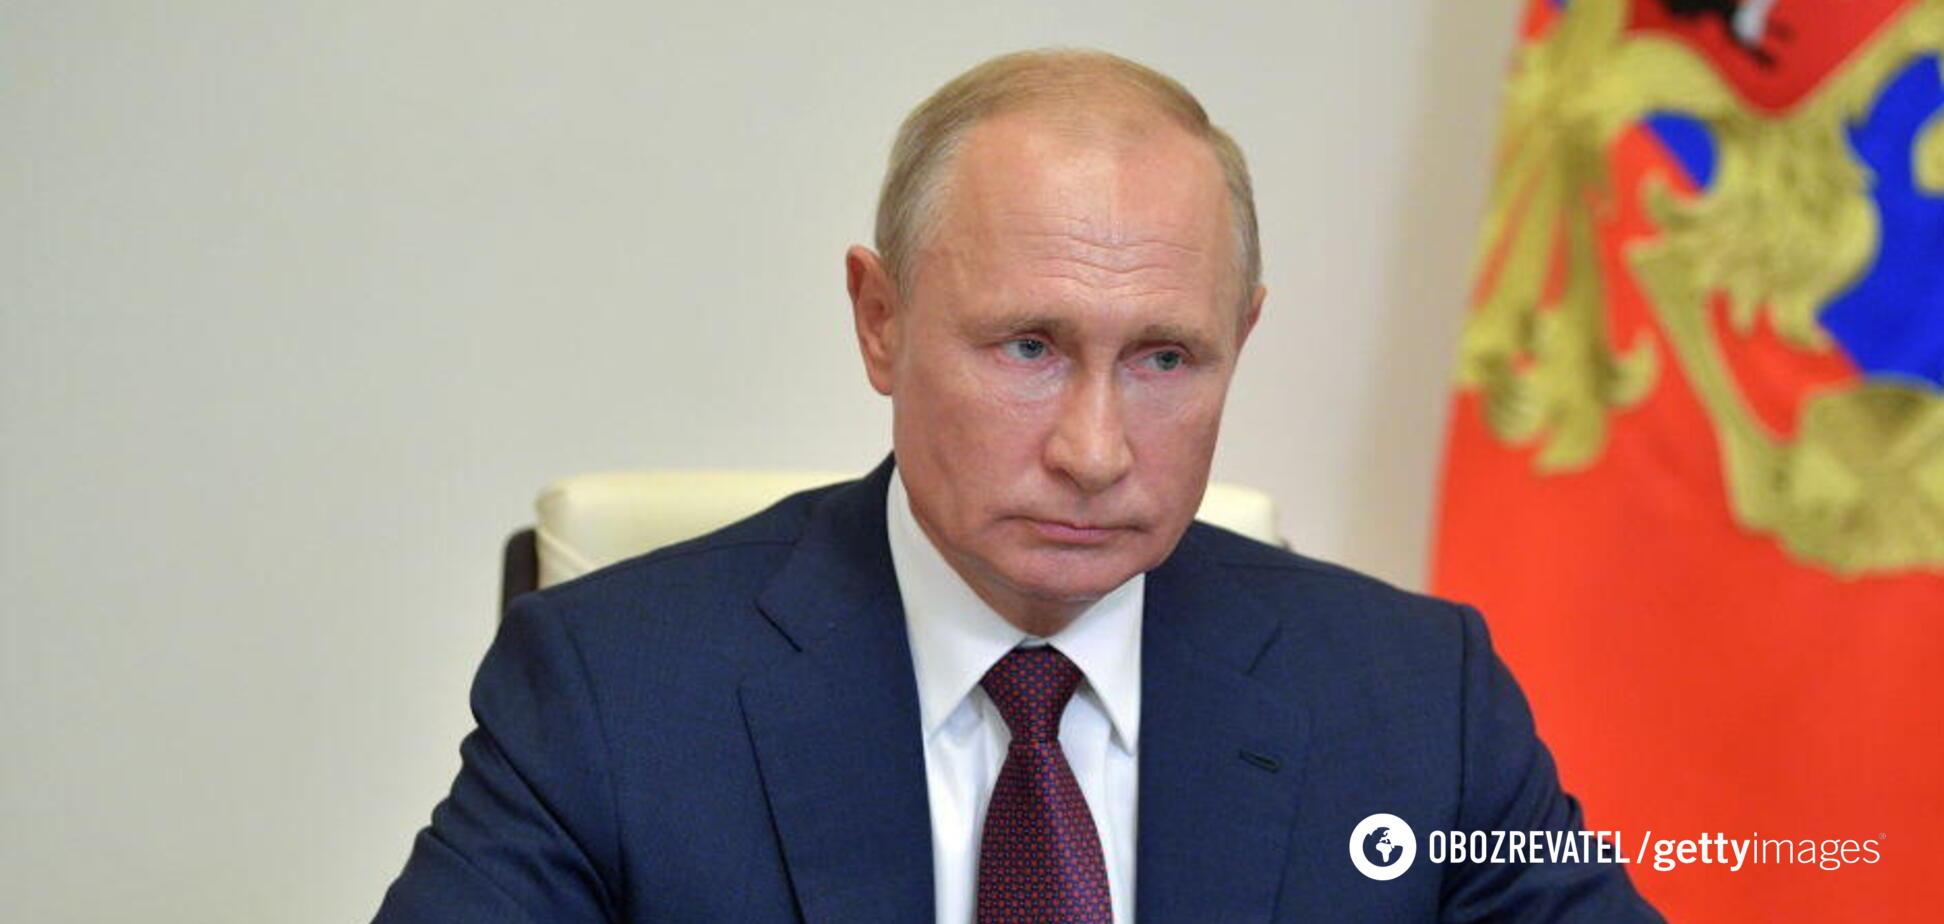 В Госдуме РФ связали трагедию СССР с обнулением Путина: грядет скандал